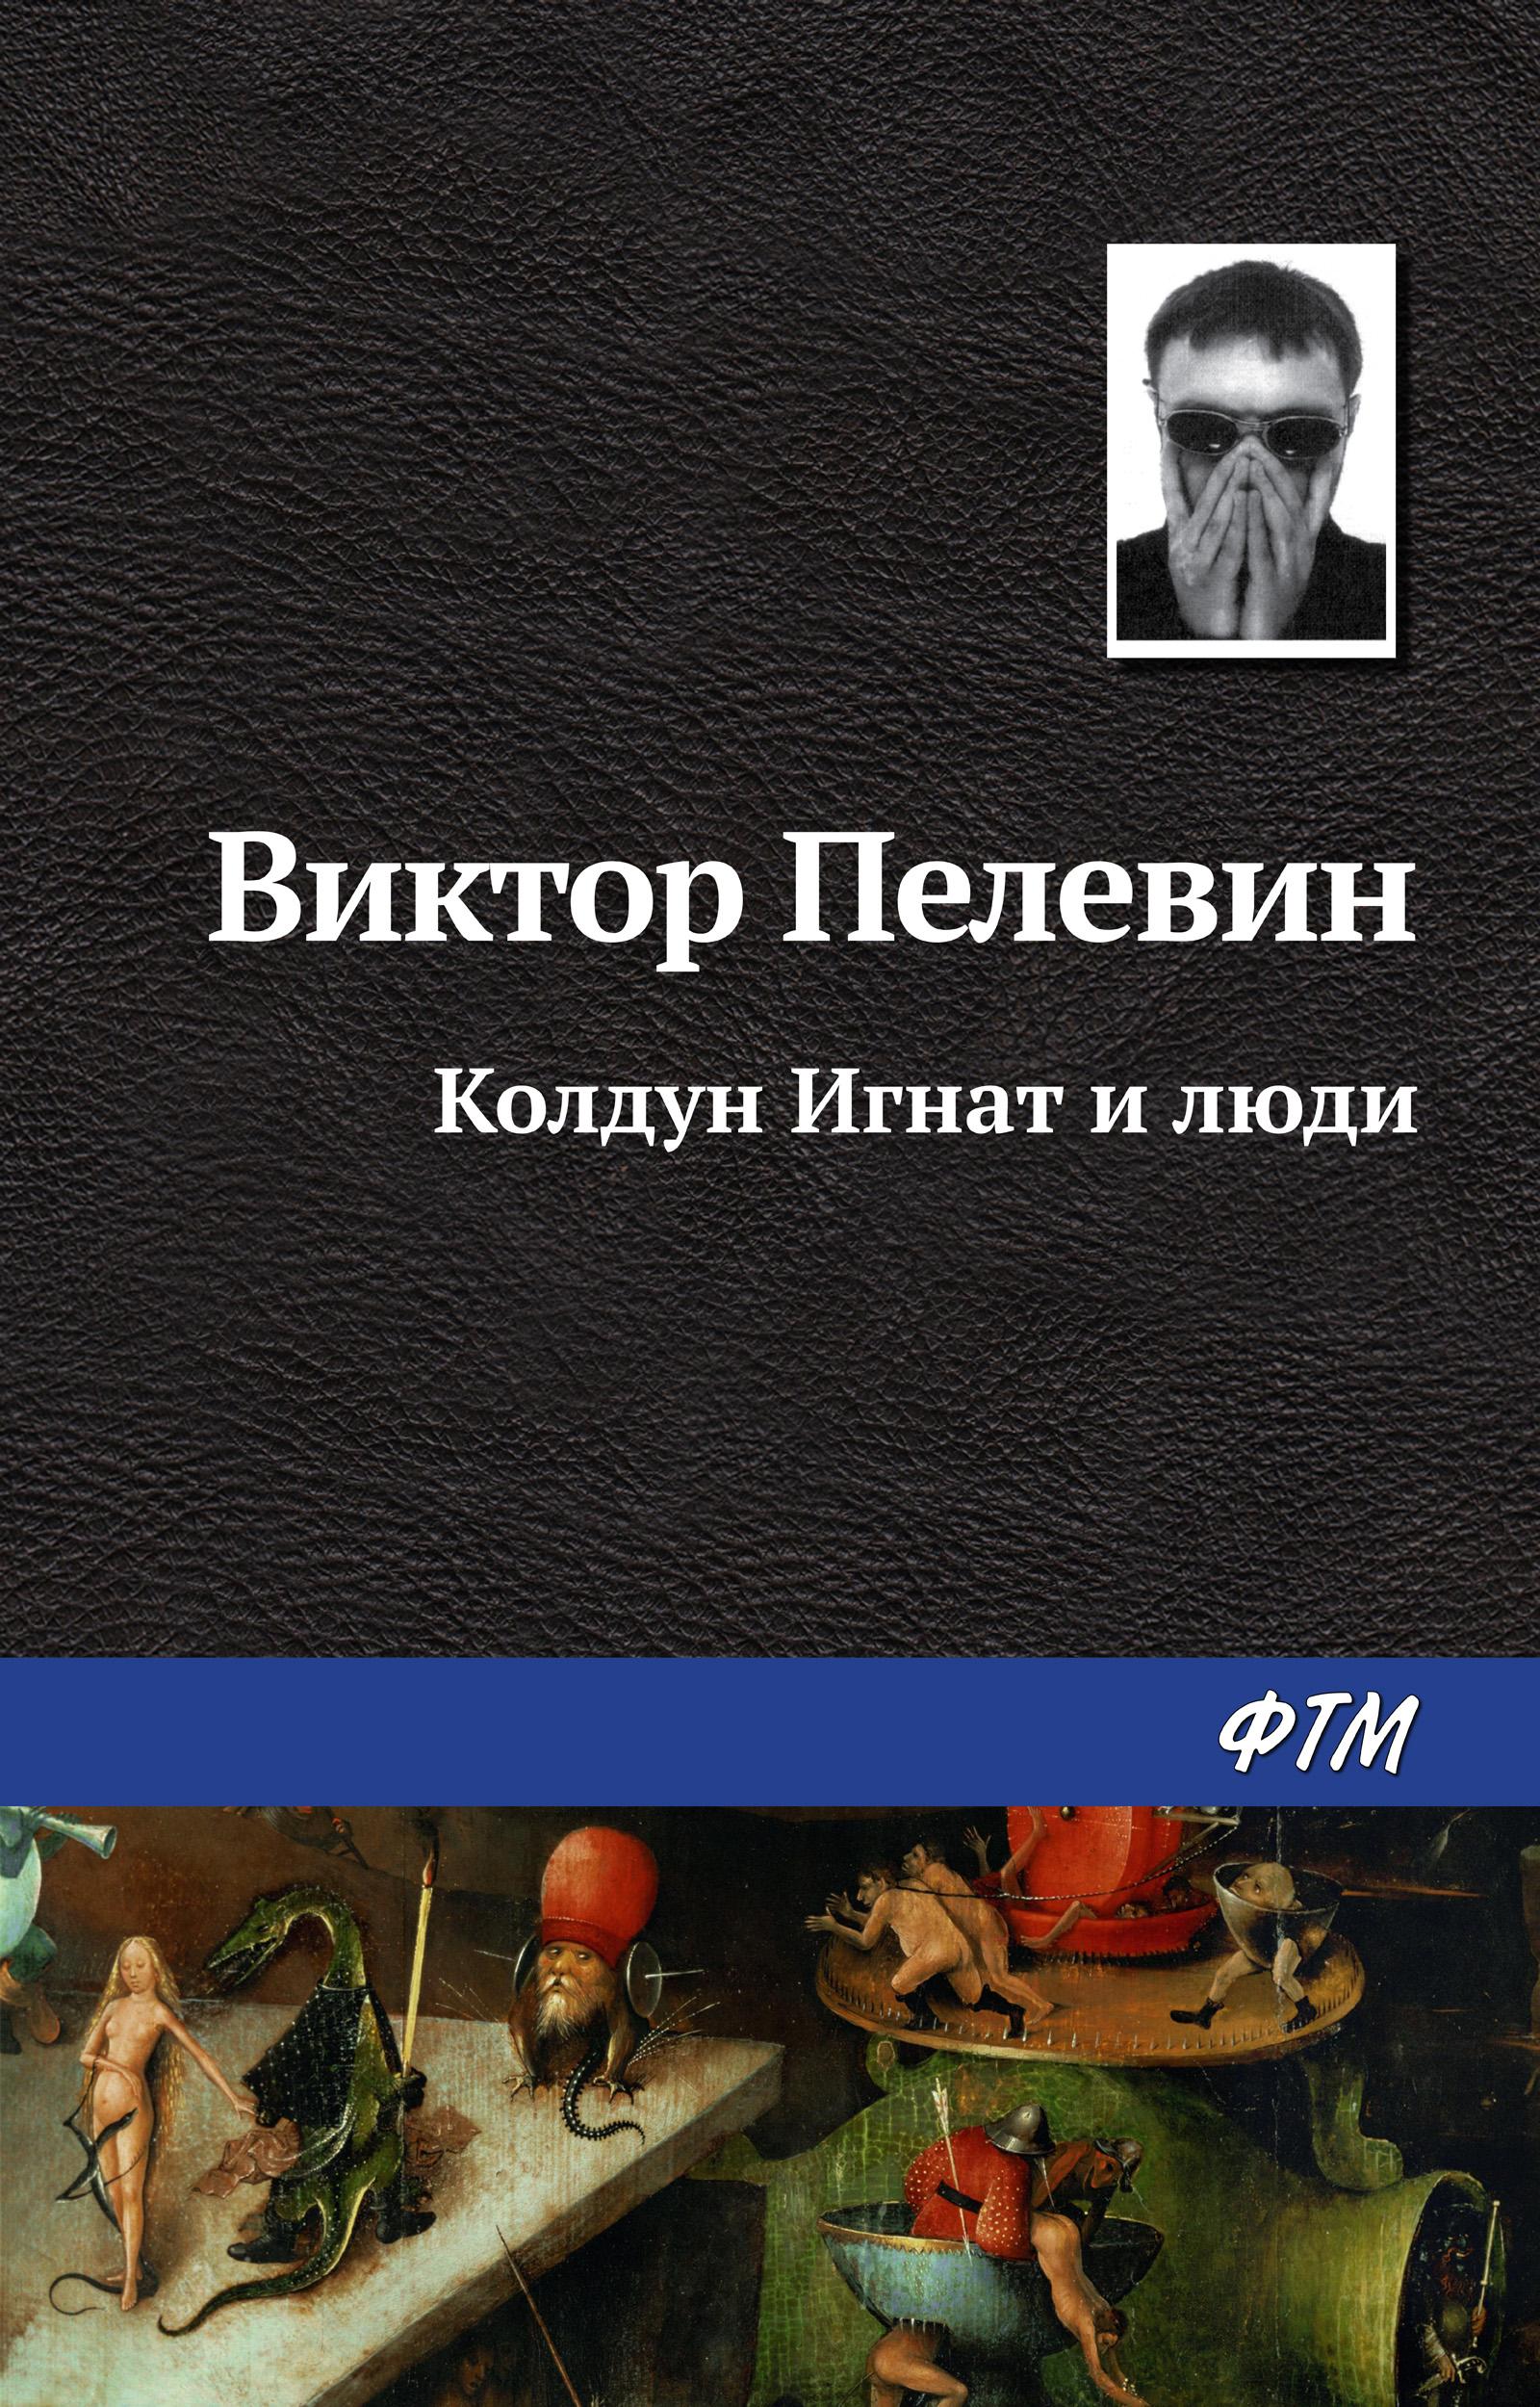 Виктор Пелевин Колдун Игнат и люди виктор пелевин виктор пелевин истории и рассказы